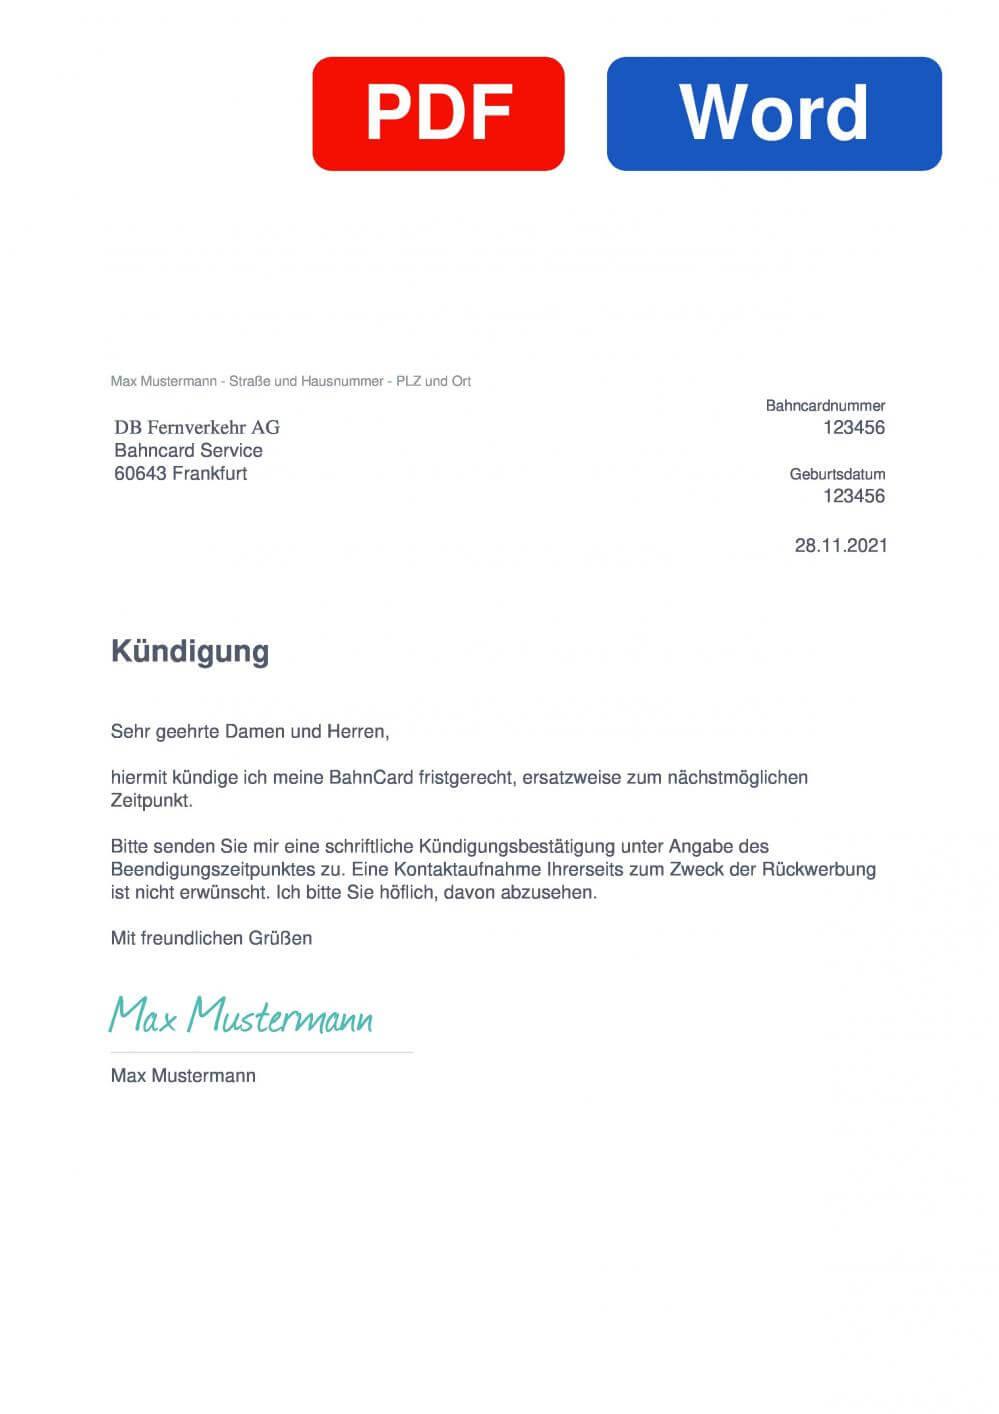 BahnCard Muster Vorlage für Kündigungsschreiben